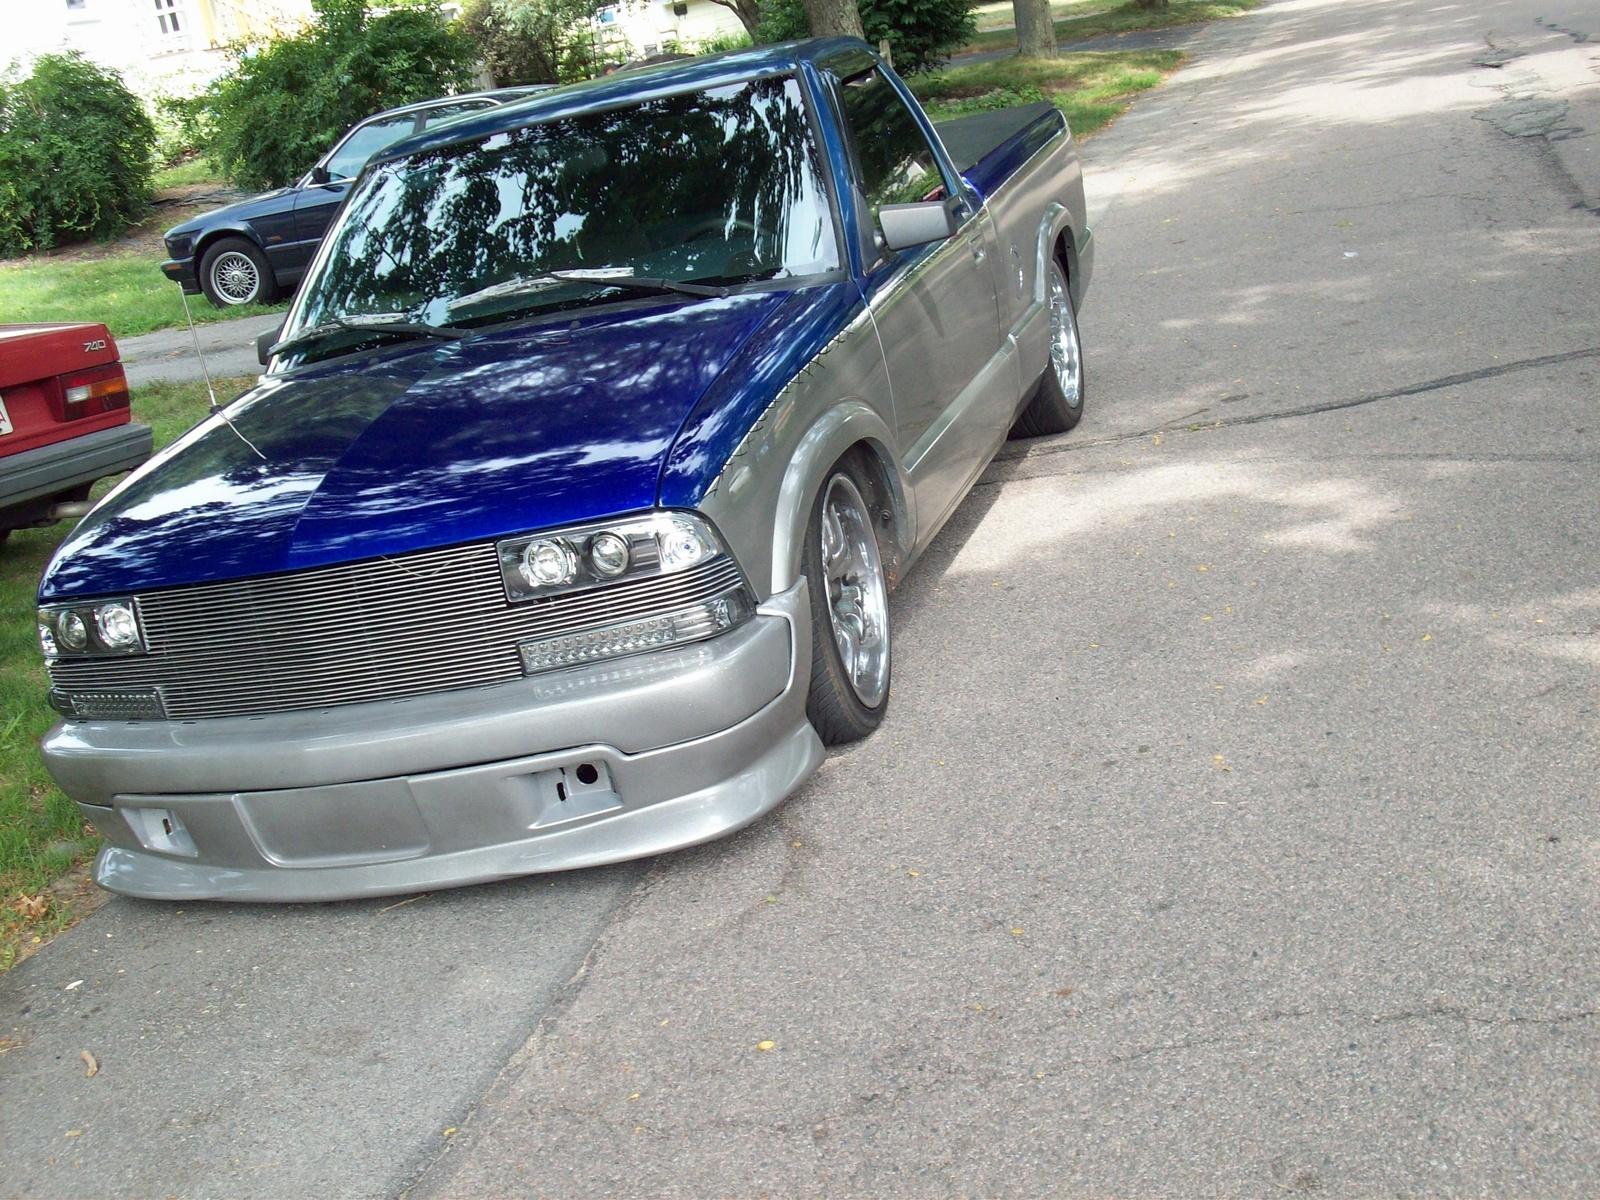 1999 chevy s10 2.2 horsepower